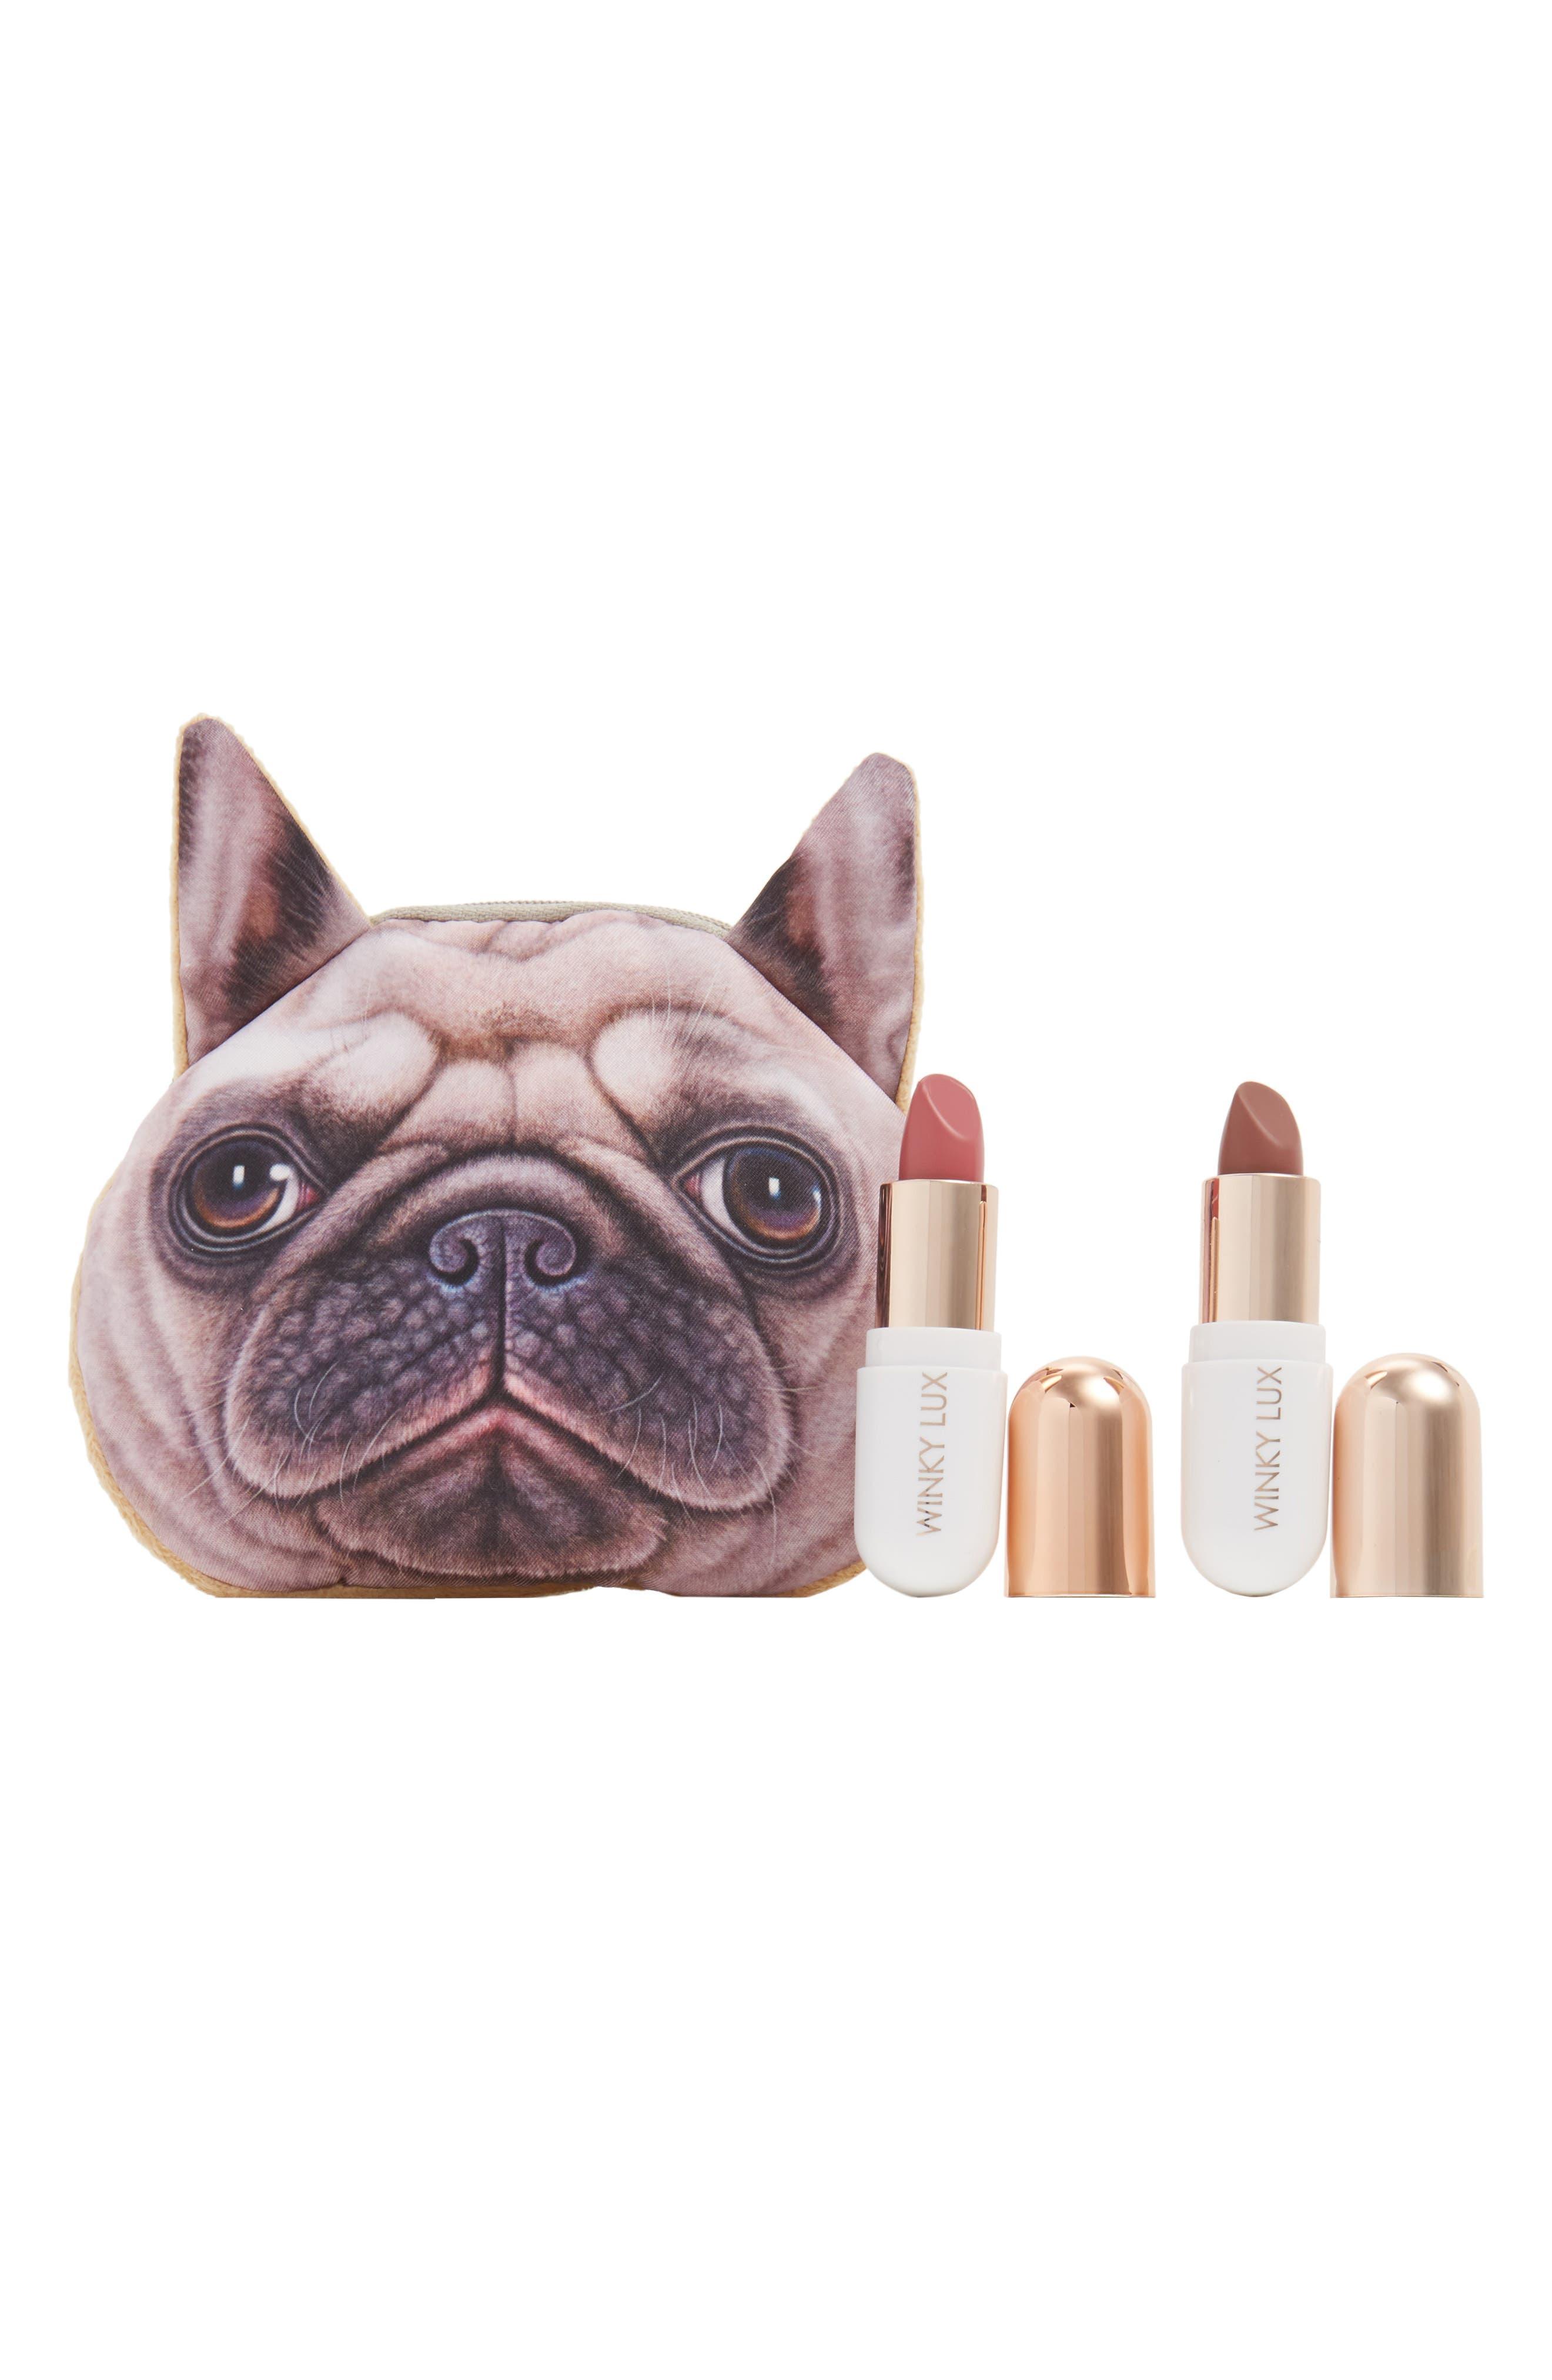 Pug Lip Kit,                             Main thumbnail 1, color,                             No Color